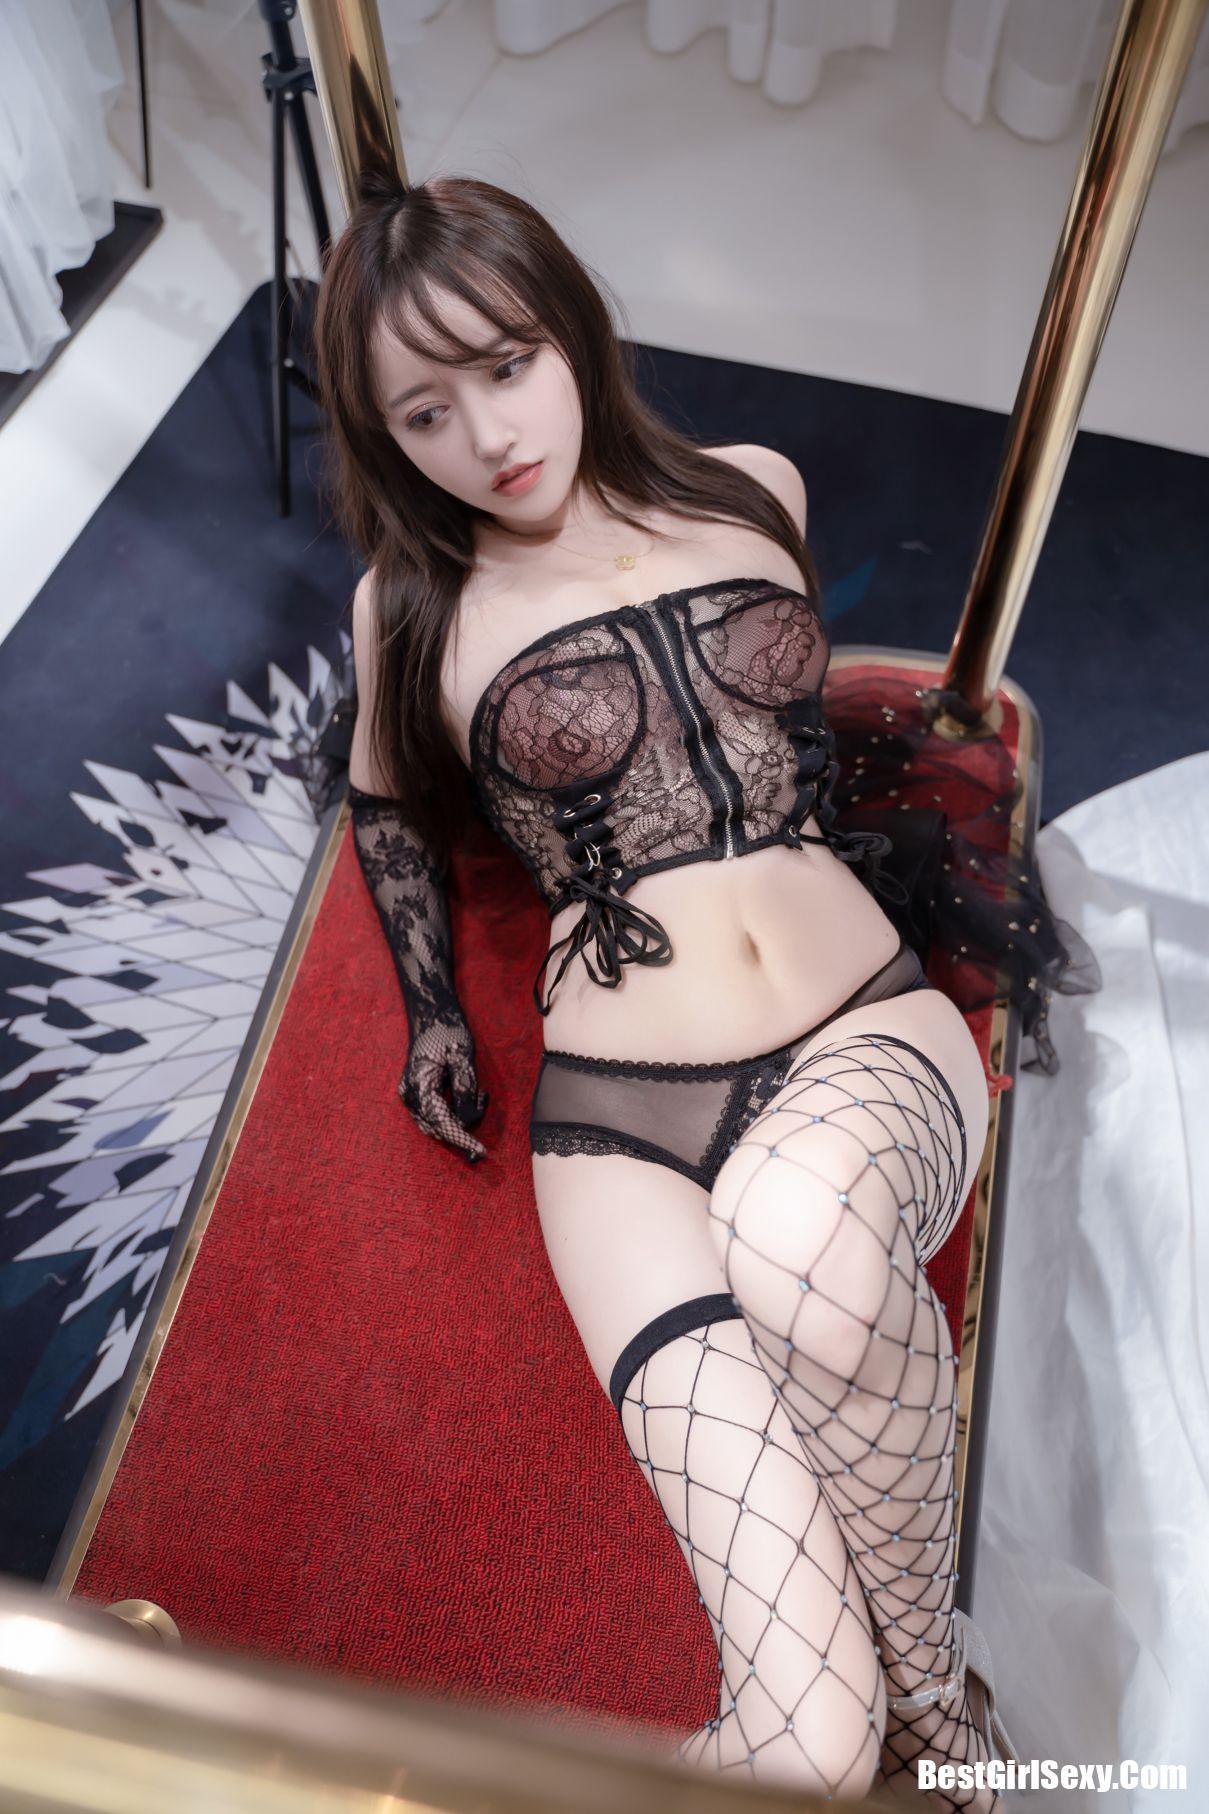 XiuRen秀人网 Vol.2597 Xiao Xuan Fancy - Best Girl Sexy